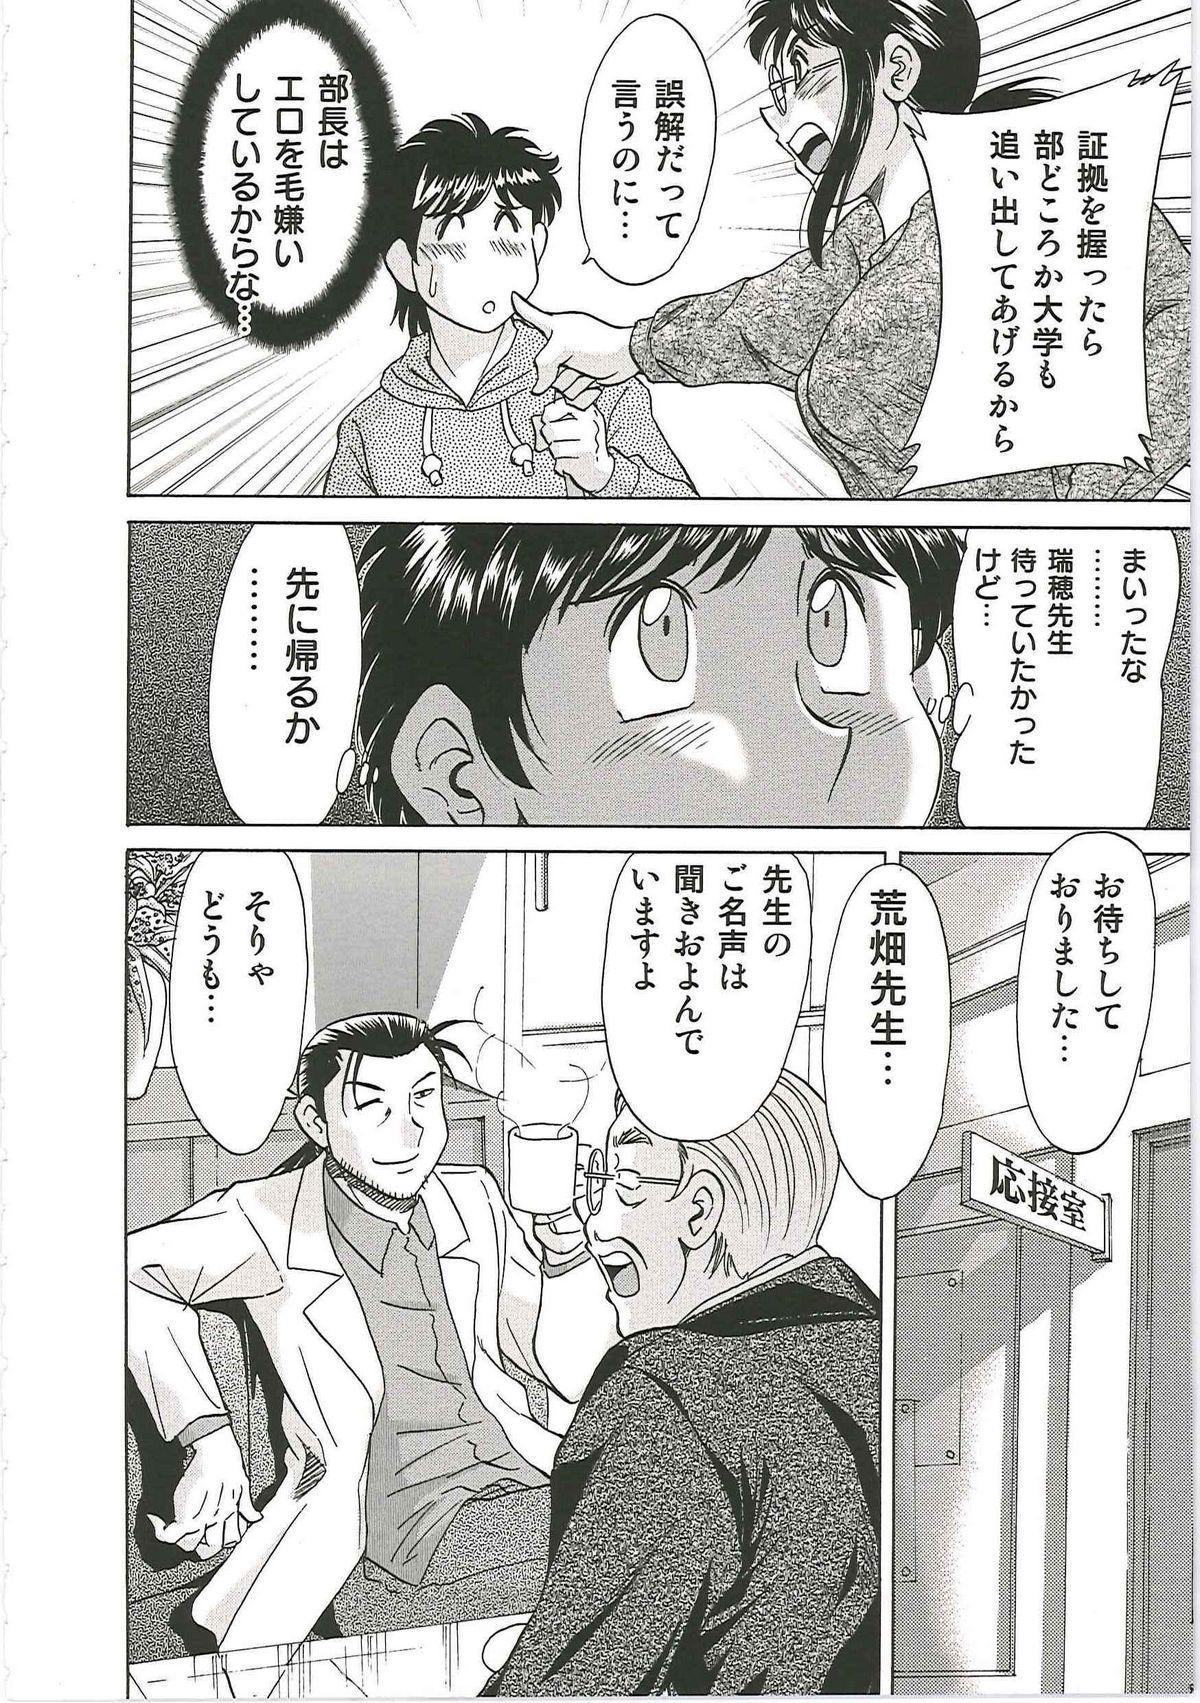 [Chanpon Miyabi] Cho-Onesan Tengoku 6 -Tenrakuhen- 125